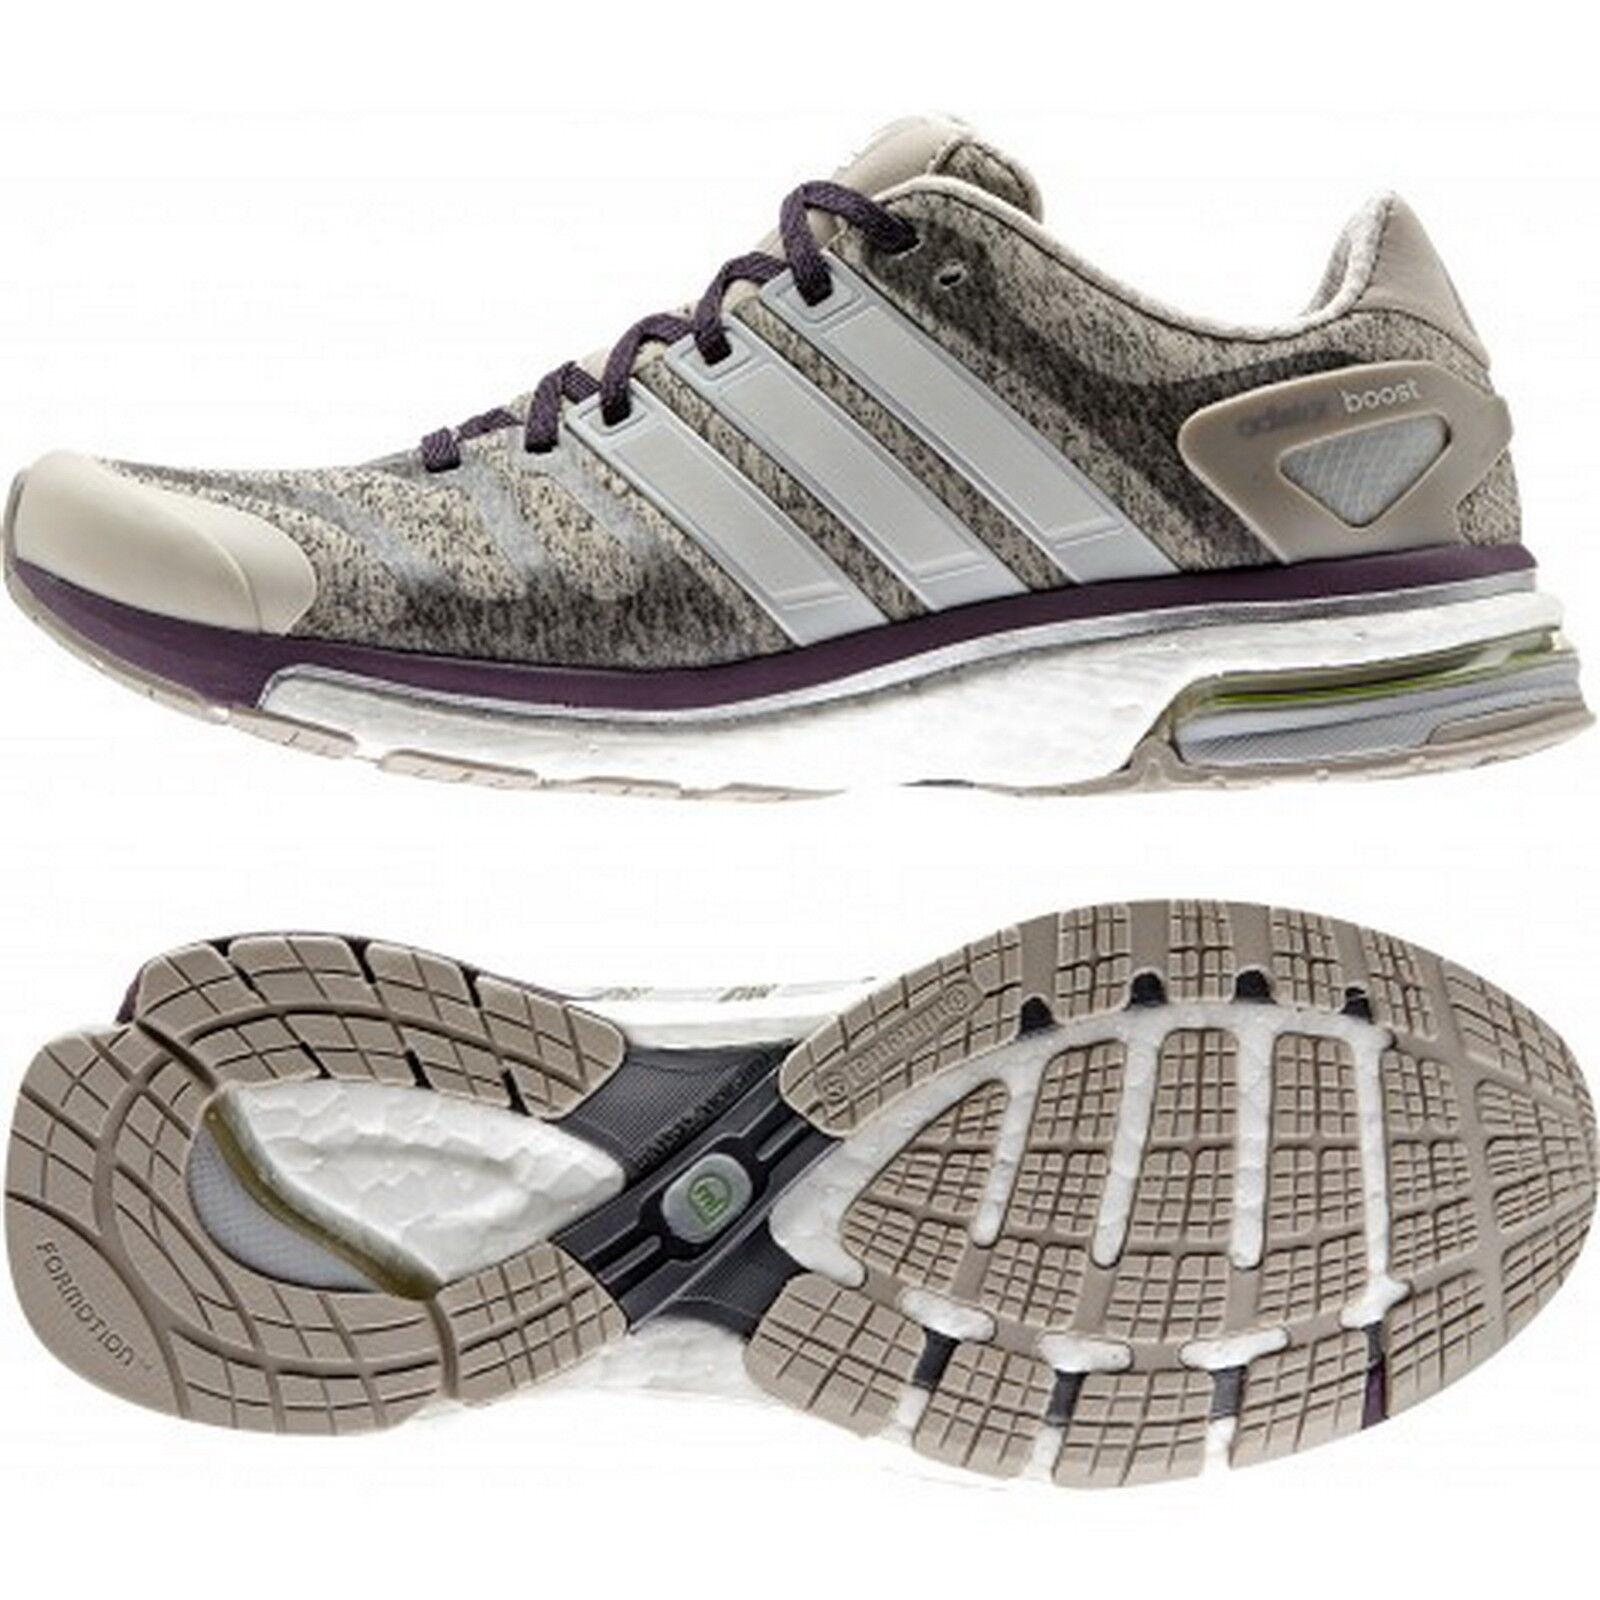 Adidas Adistar Heather Boost DaSie Laufschuhe S77592